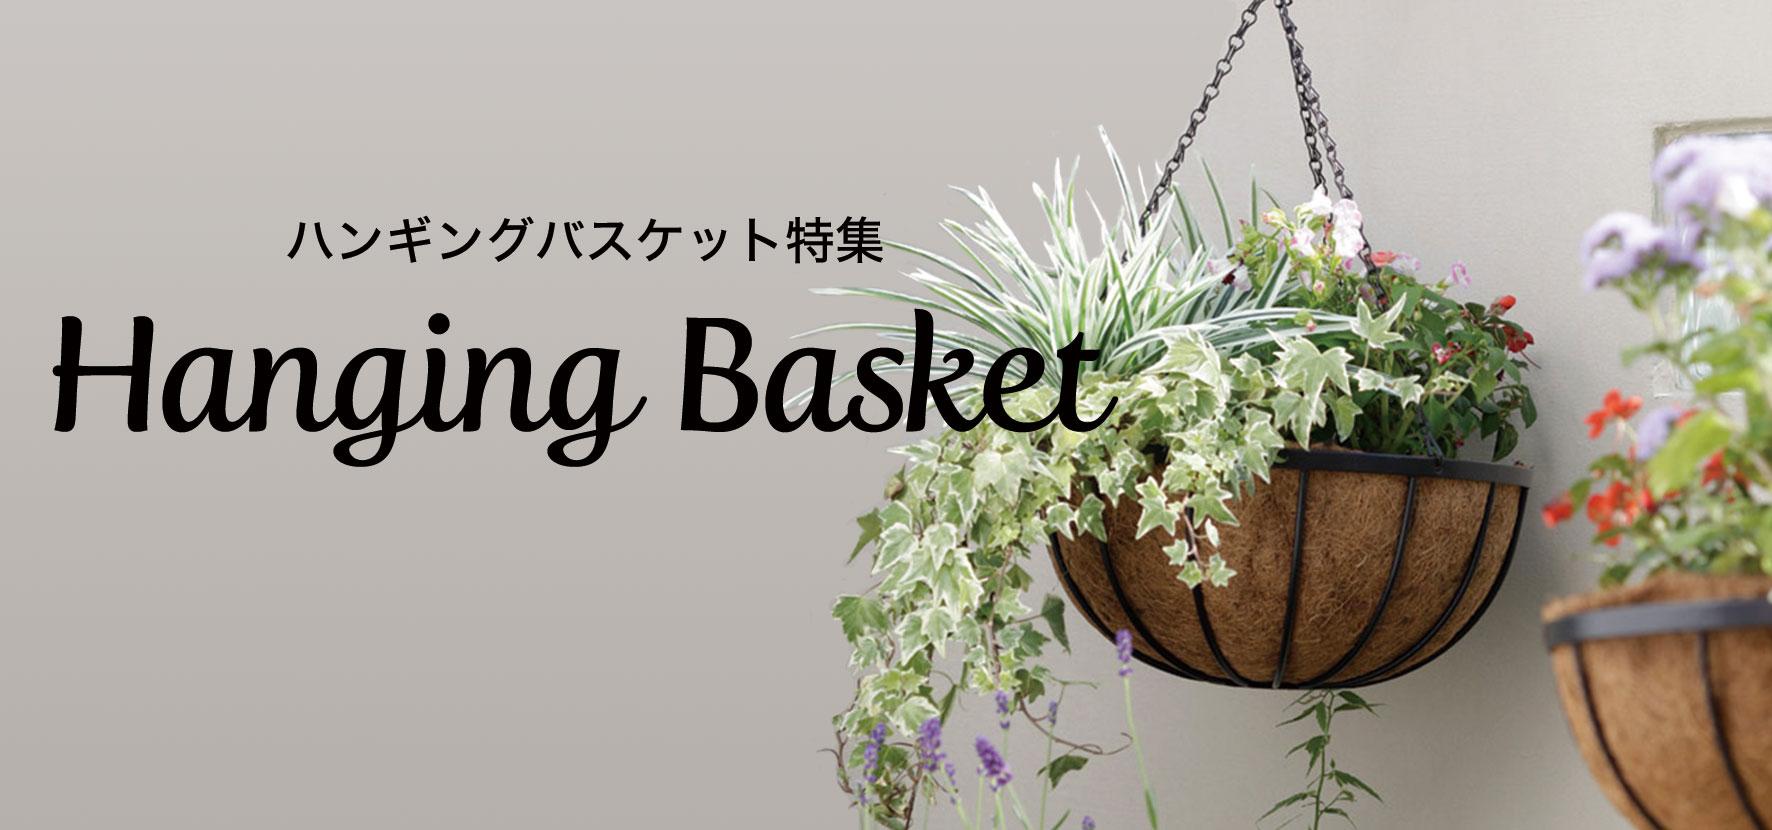 ハンギングバスケット特集